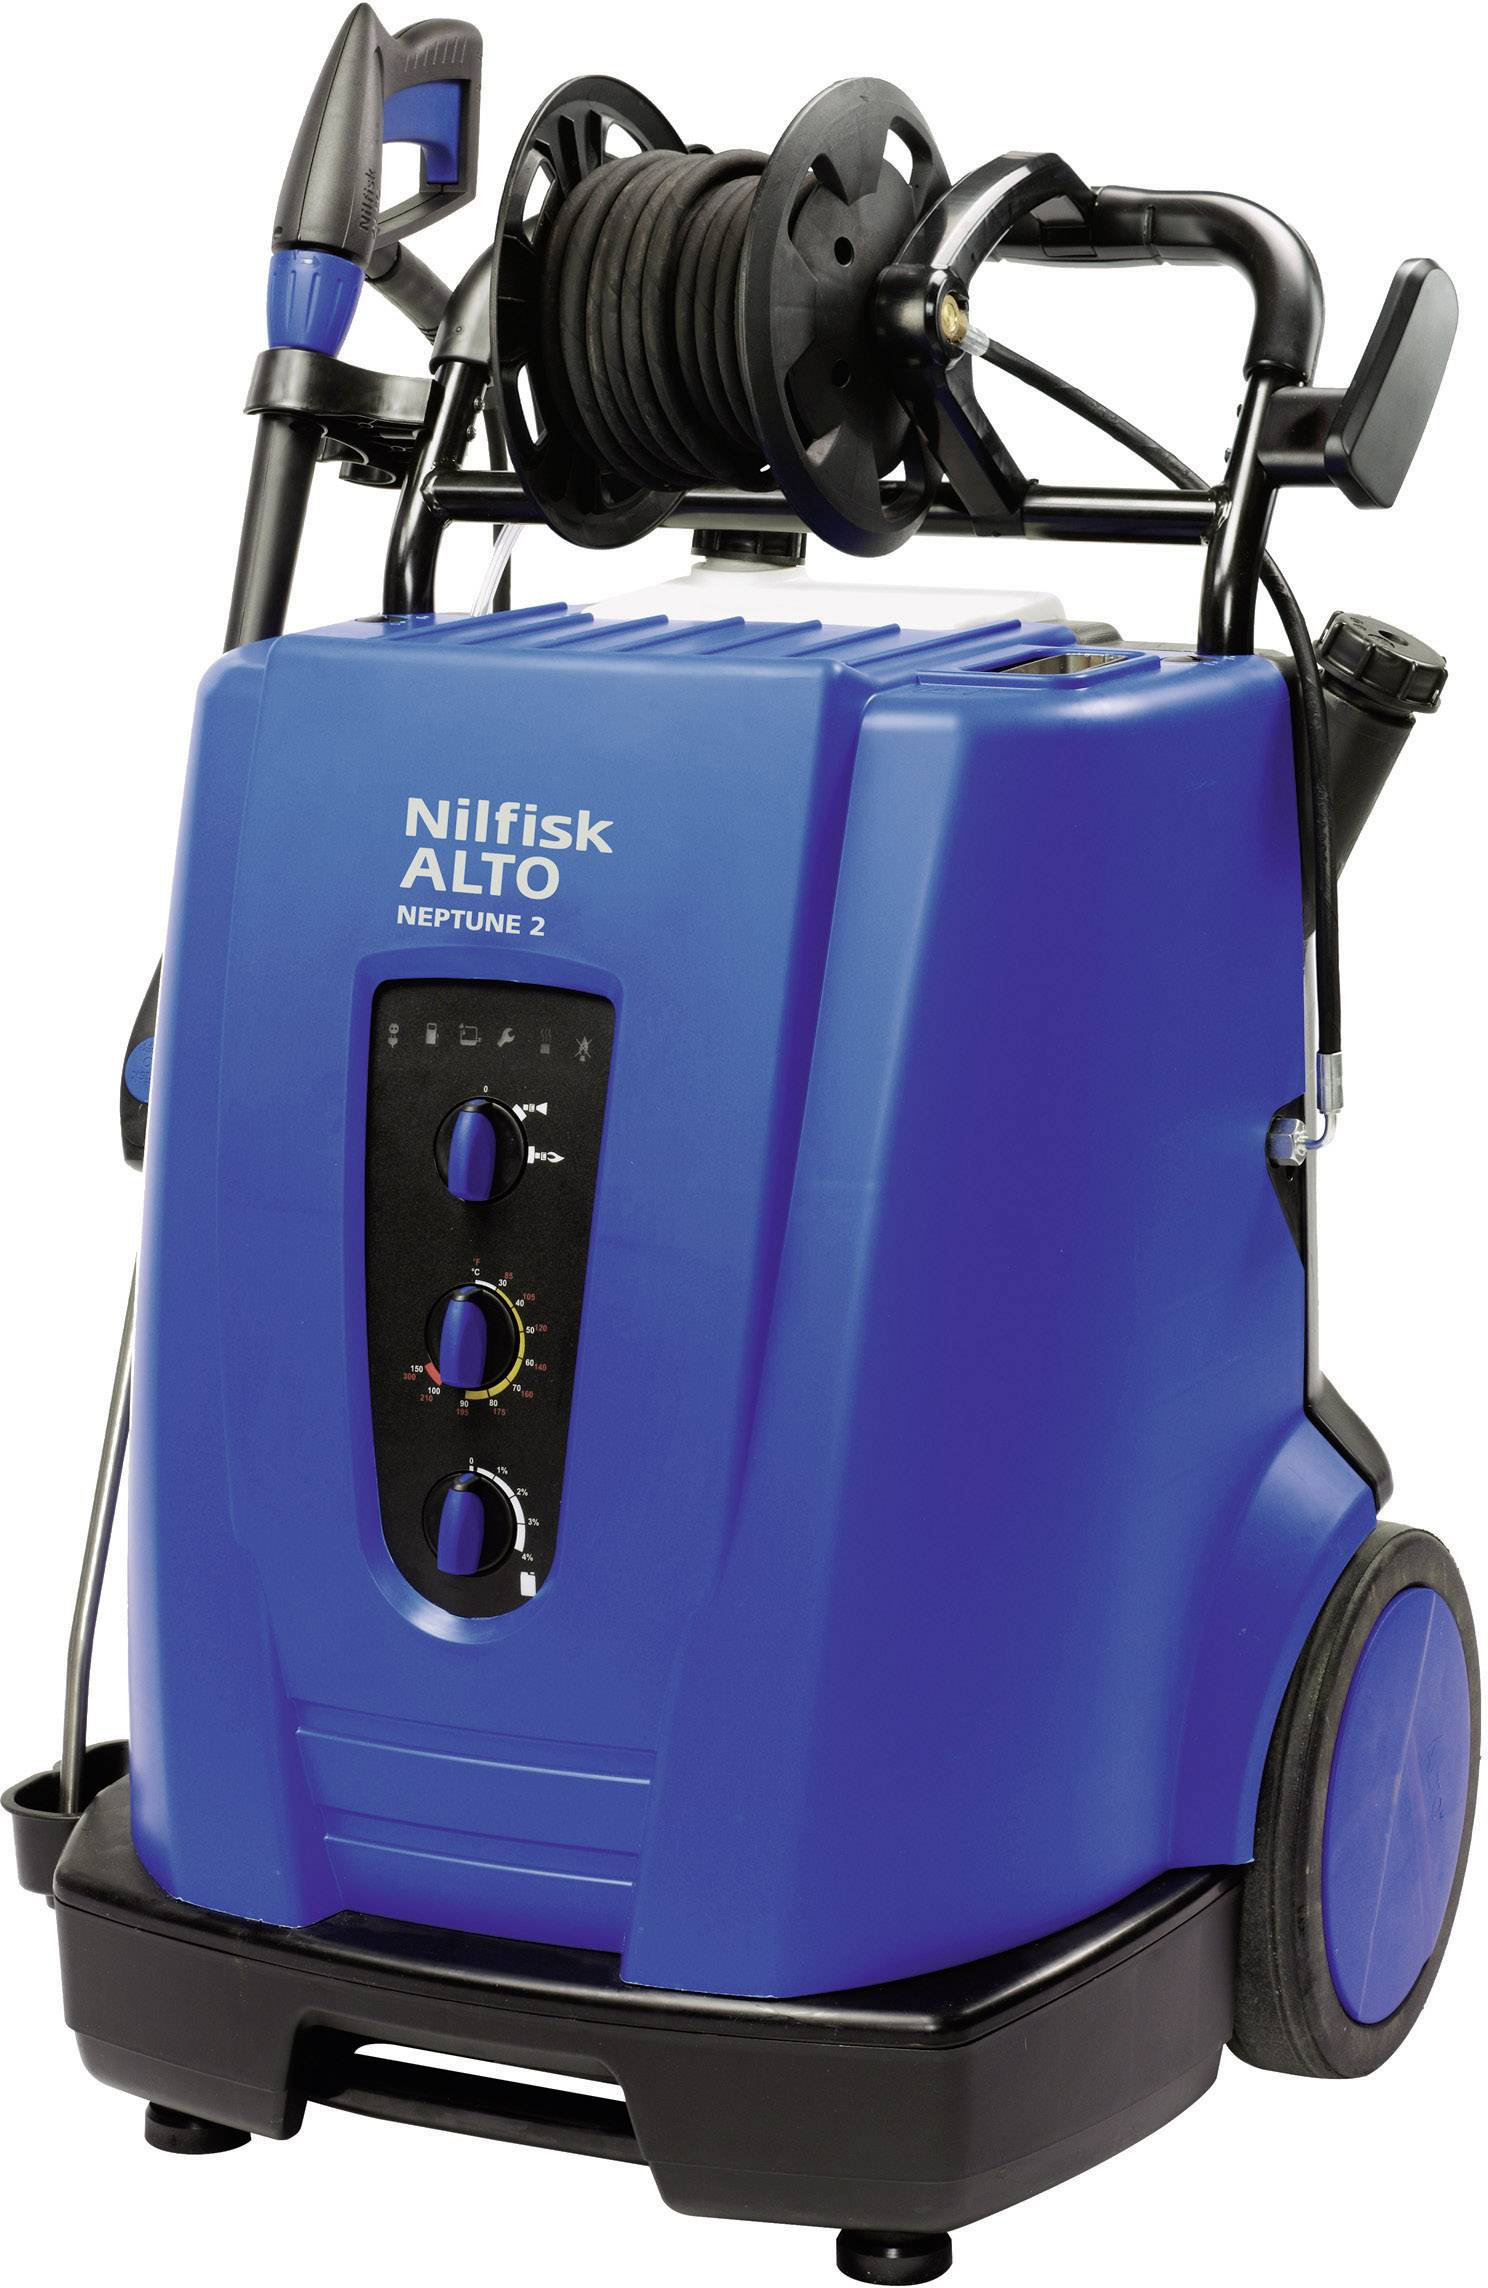 Vysokotlakový čistič vapka Nilfisk Alto Neptune 2-33 X, 170 bar, 4100 W, 107145010